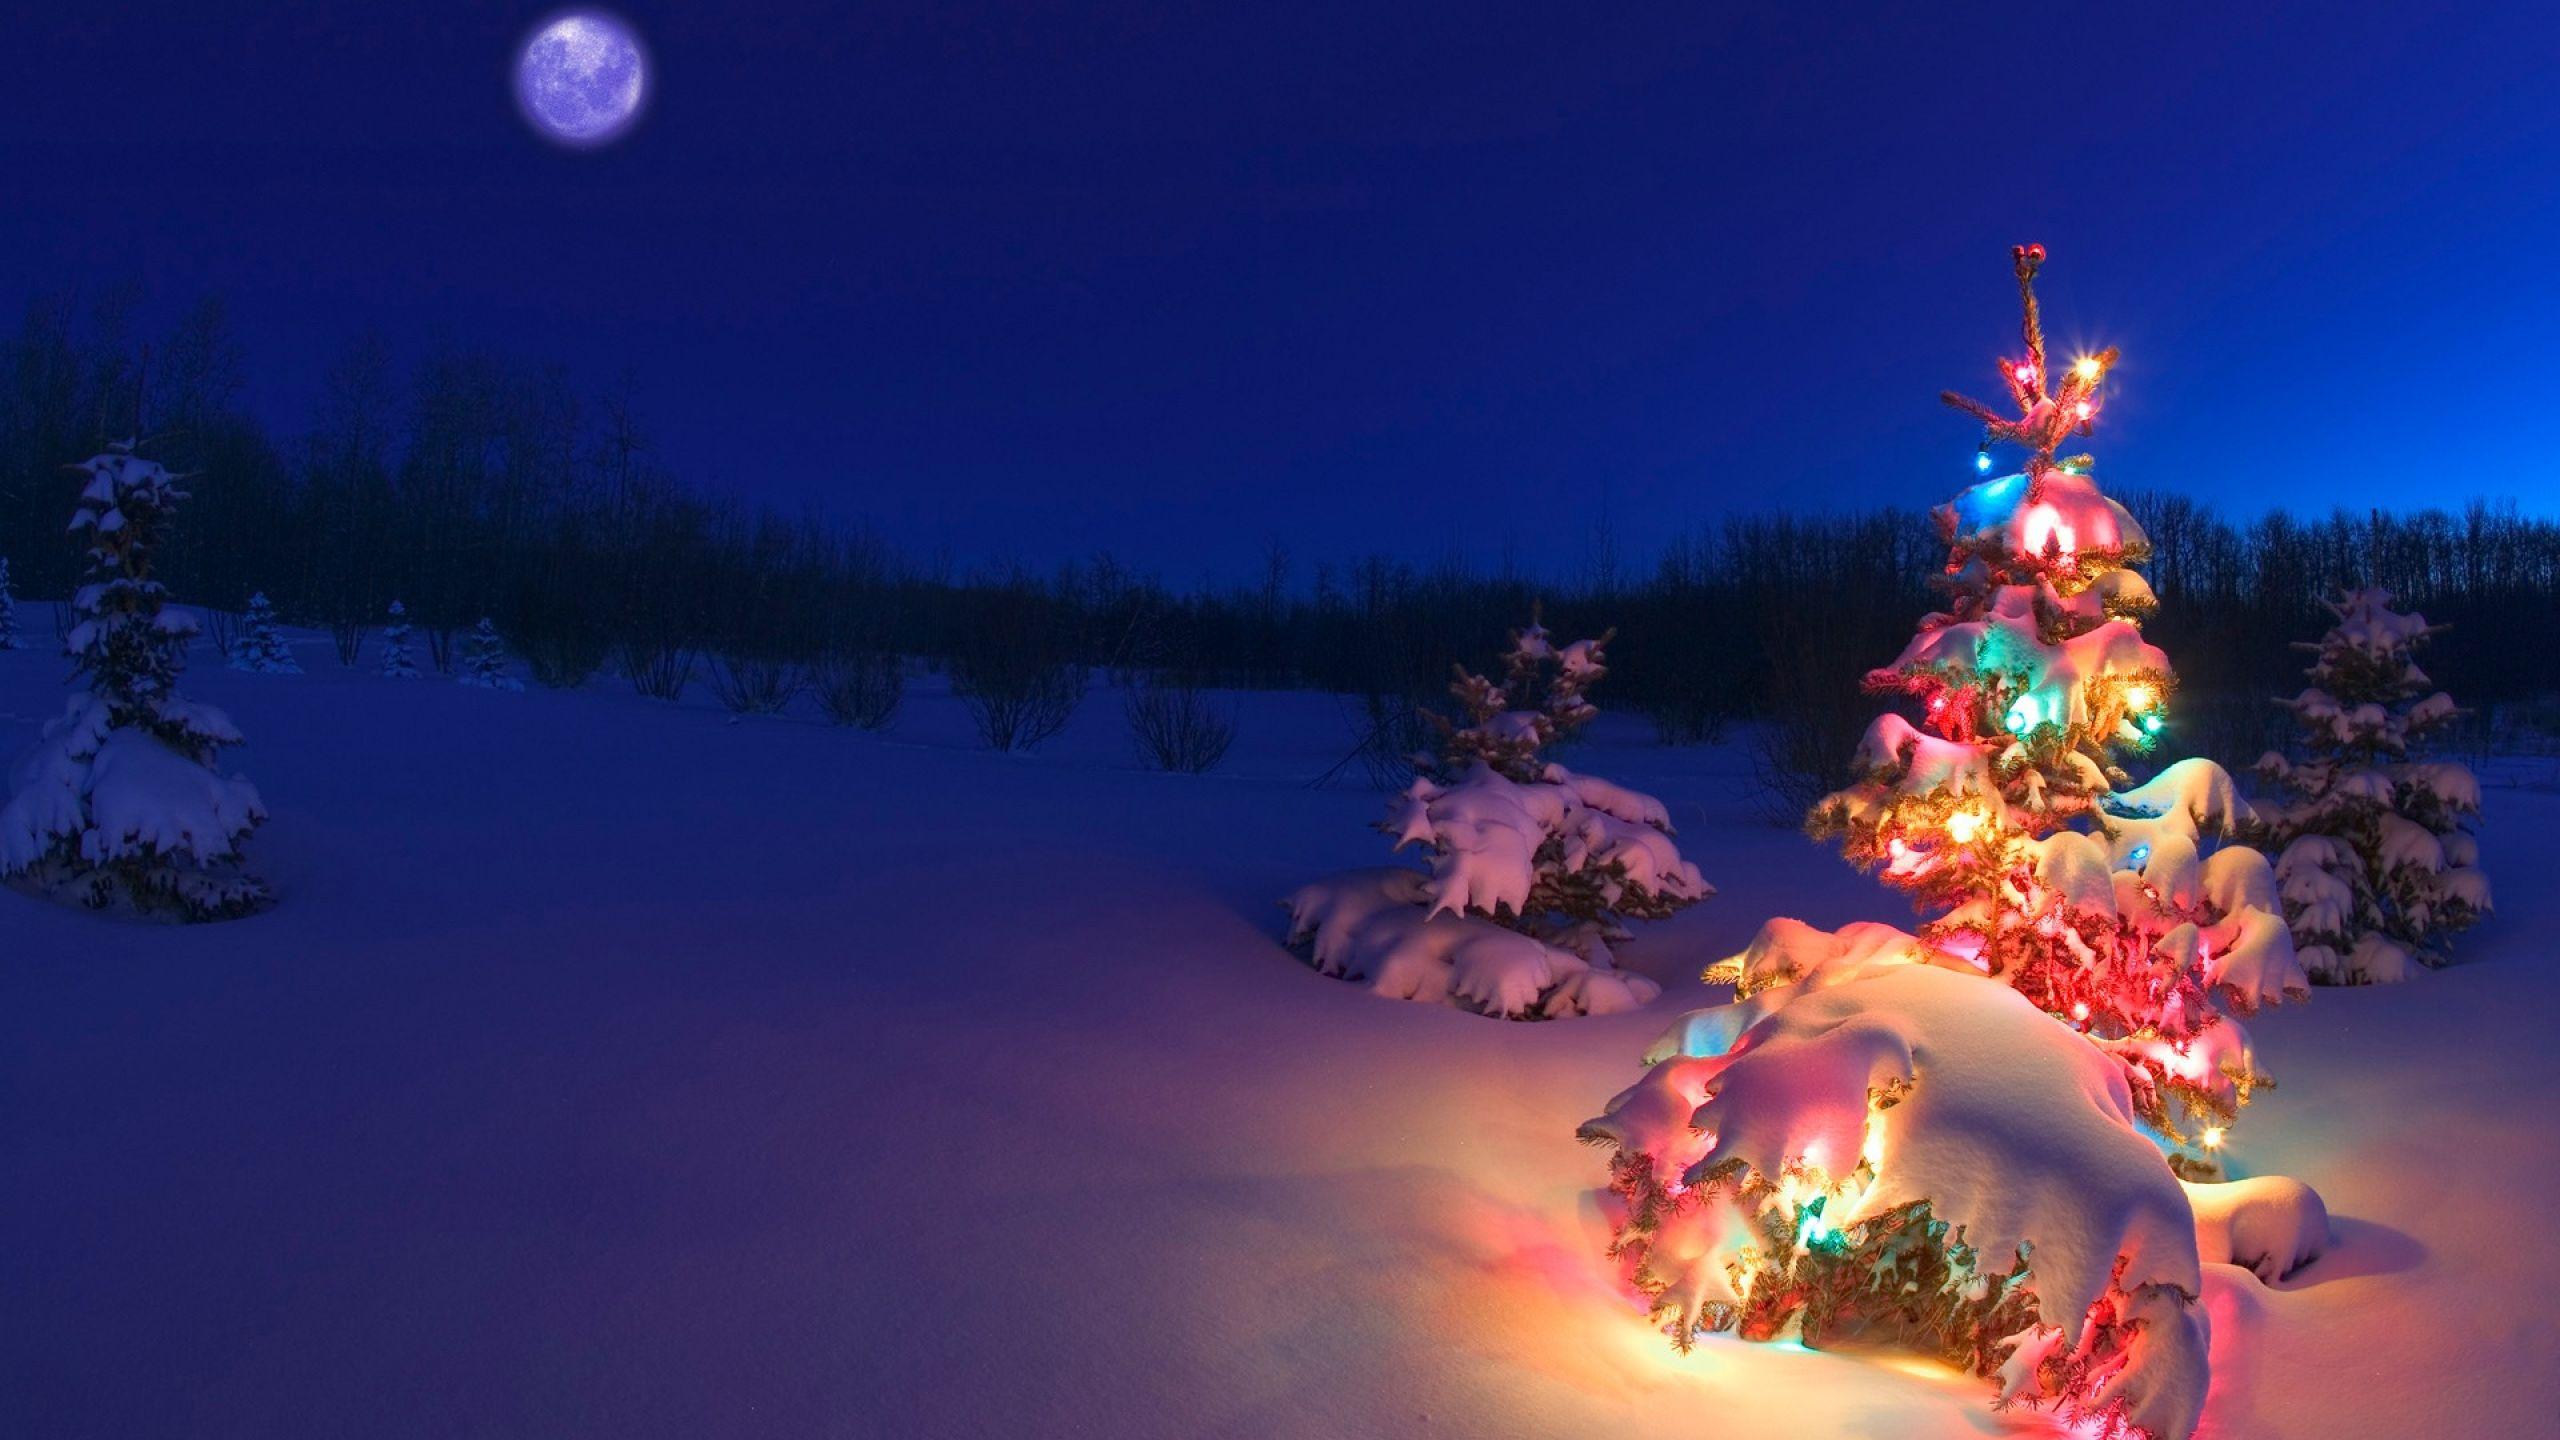 обои на рабочий стол 1920х1080 зима новый год рождество № 199428 бесплатно